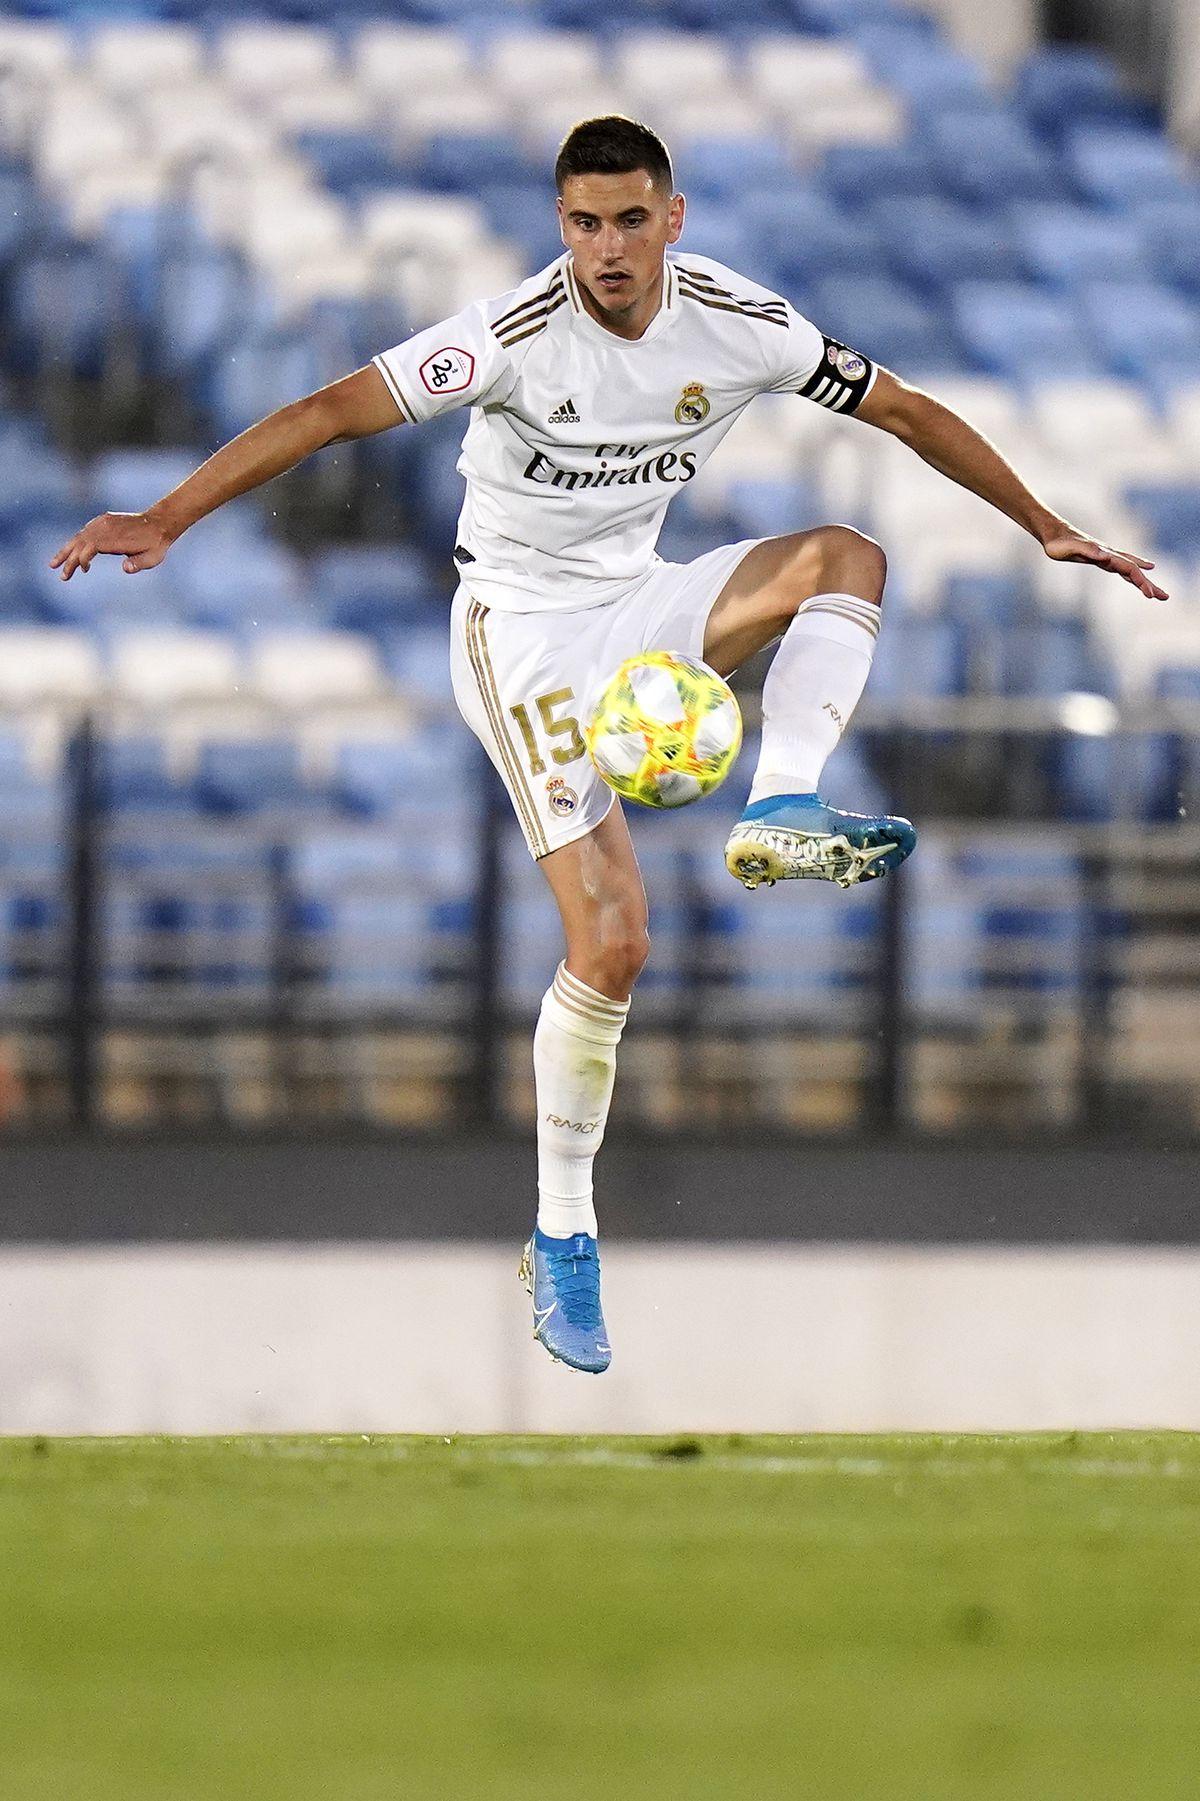 Real Madrid B v Pontevedra - Segunda Division B